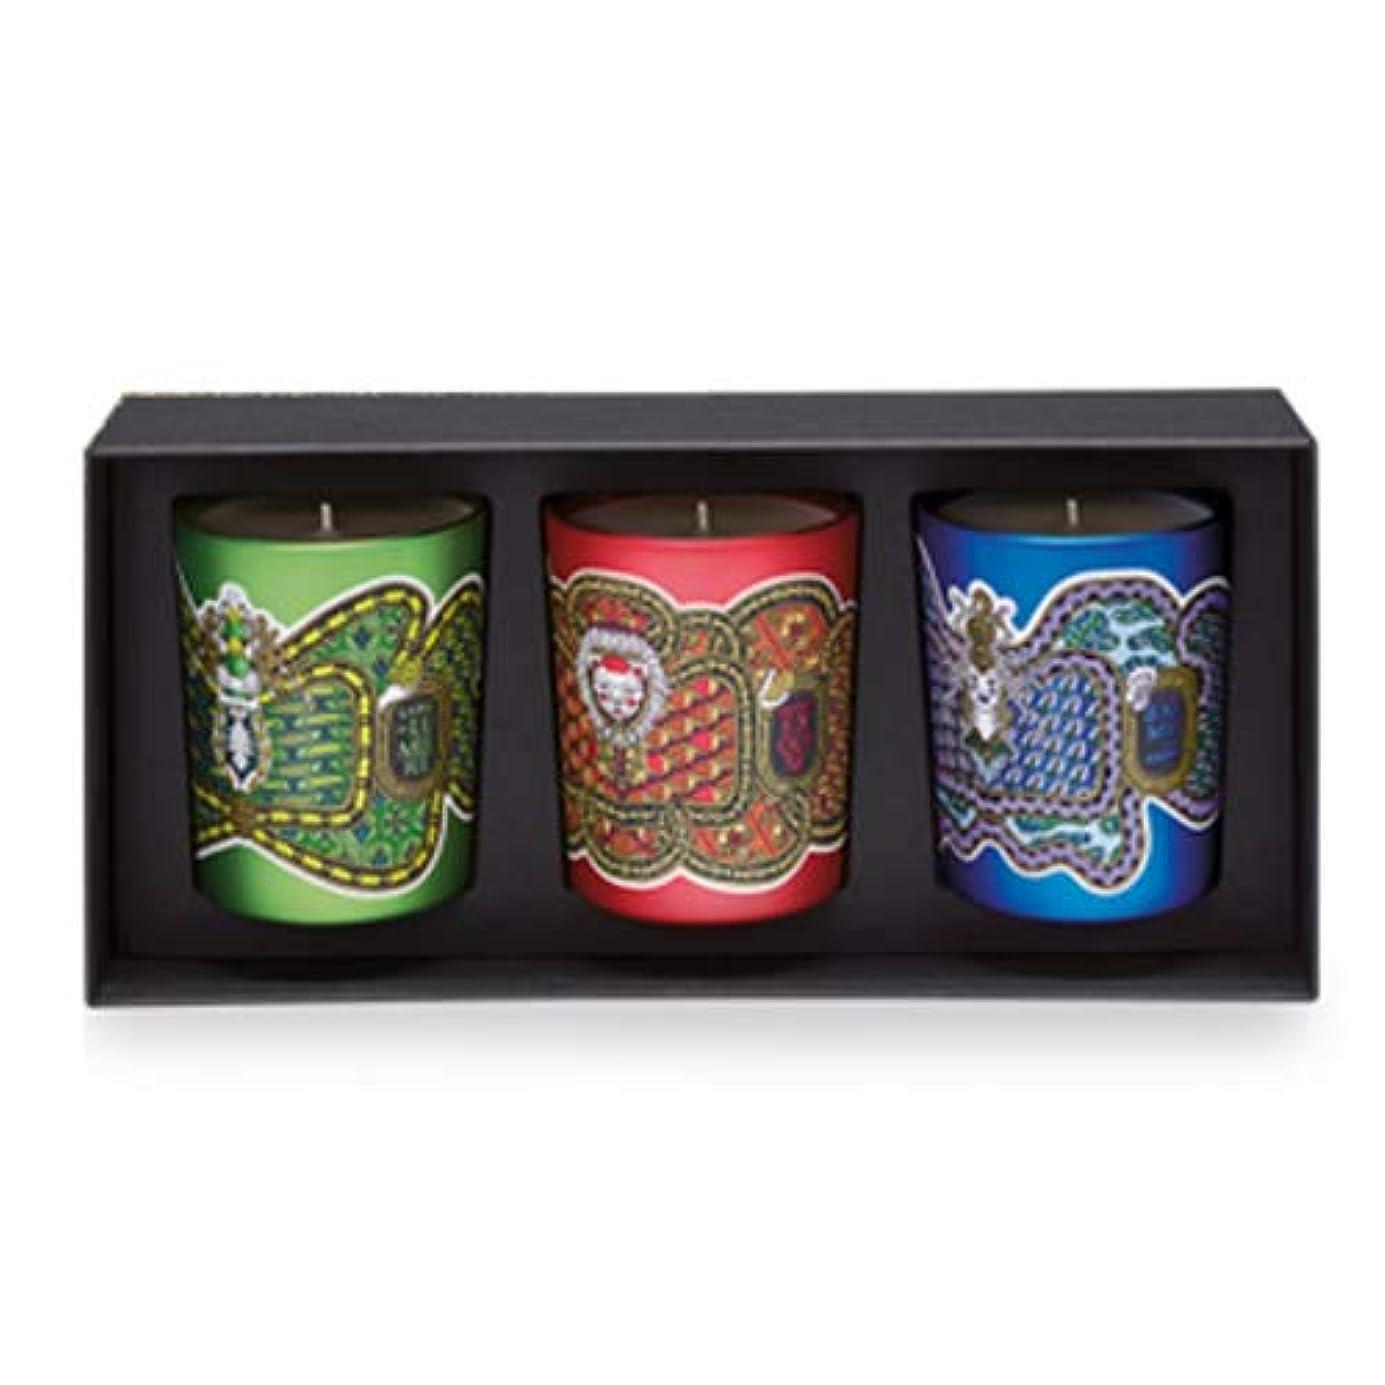 実験ラグ取るディプティック フレグランス キャンドル コフレ 3種類の香り 190g×3 DIPTYQUE LEGENDE DU NORD SCENTED HOLIDAY 3 CANDLE SET [6586] [並行輸入品]